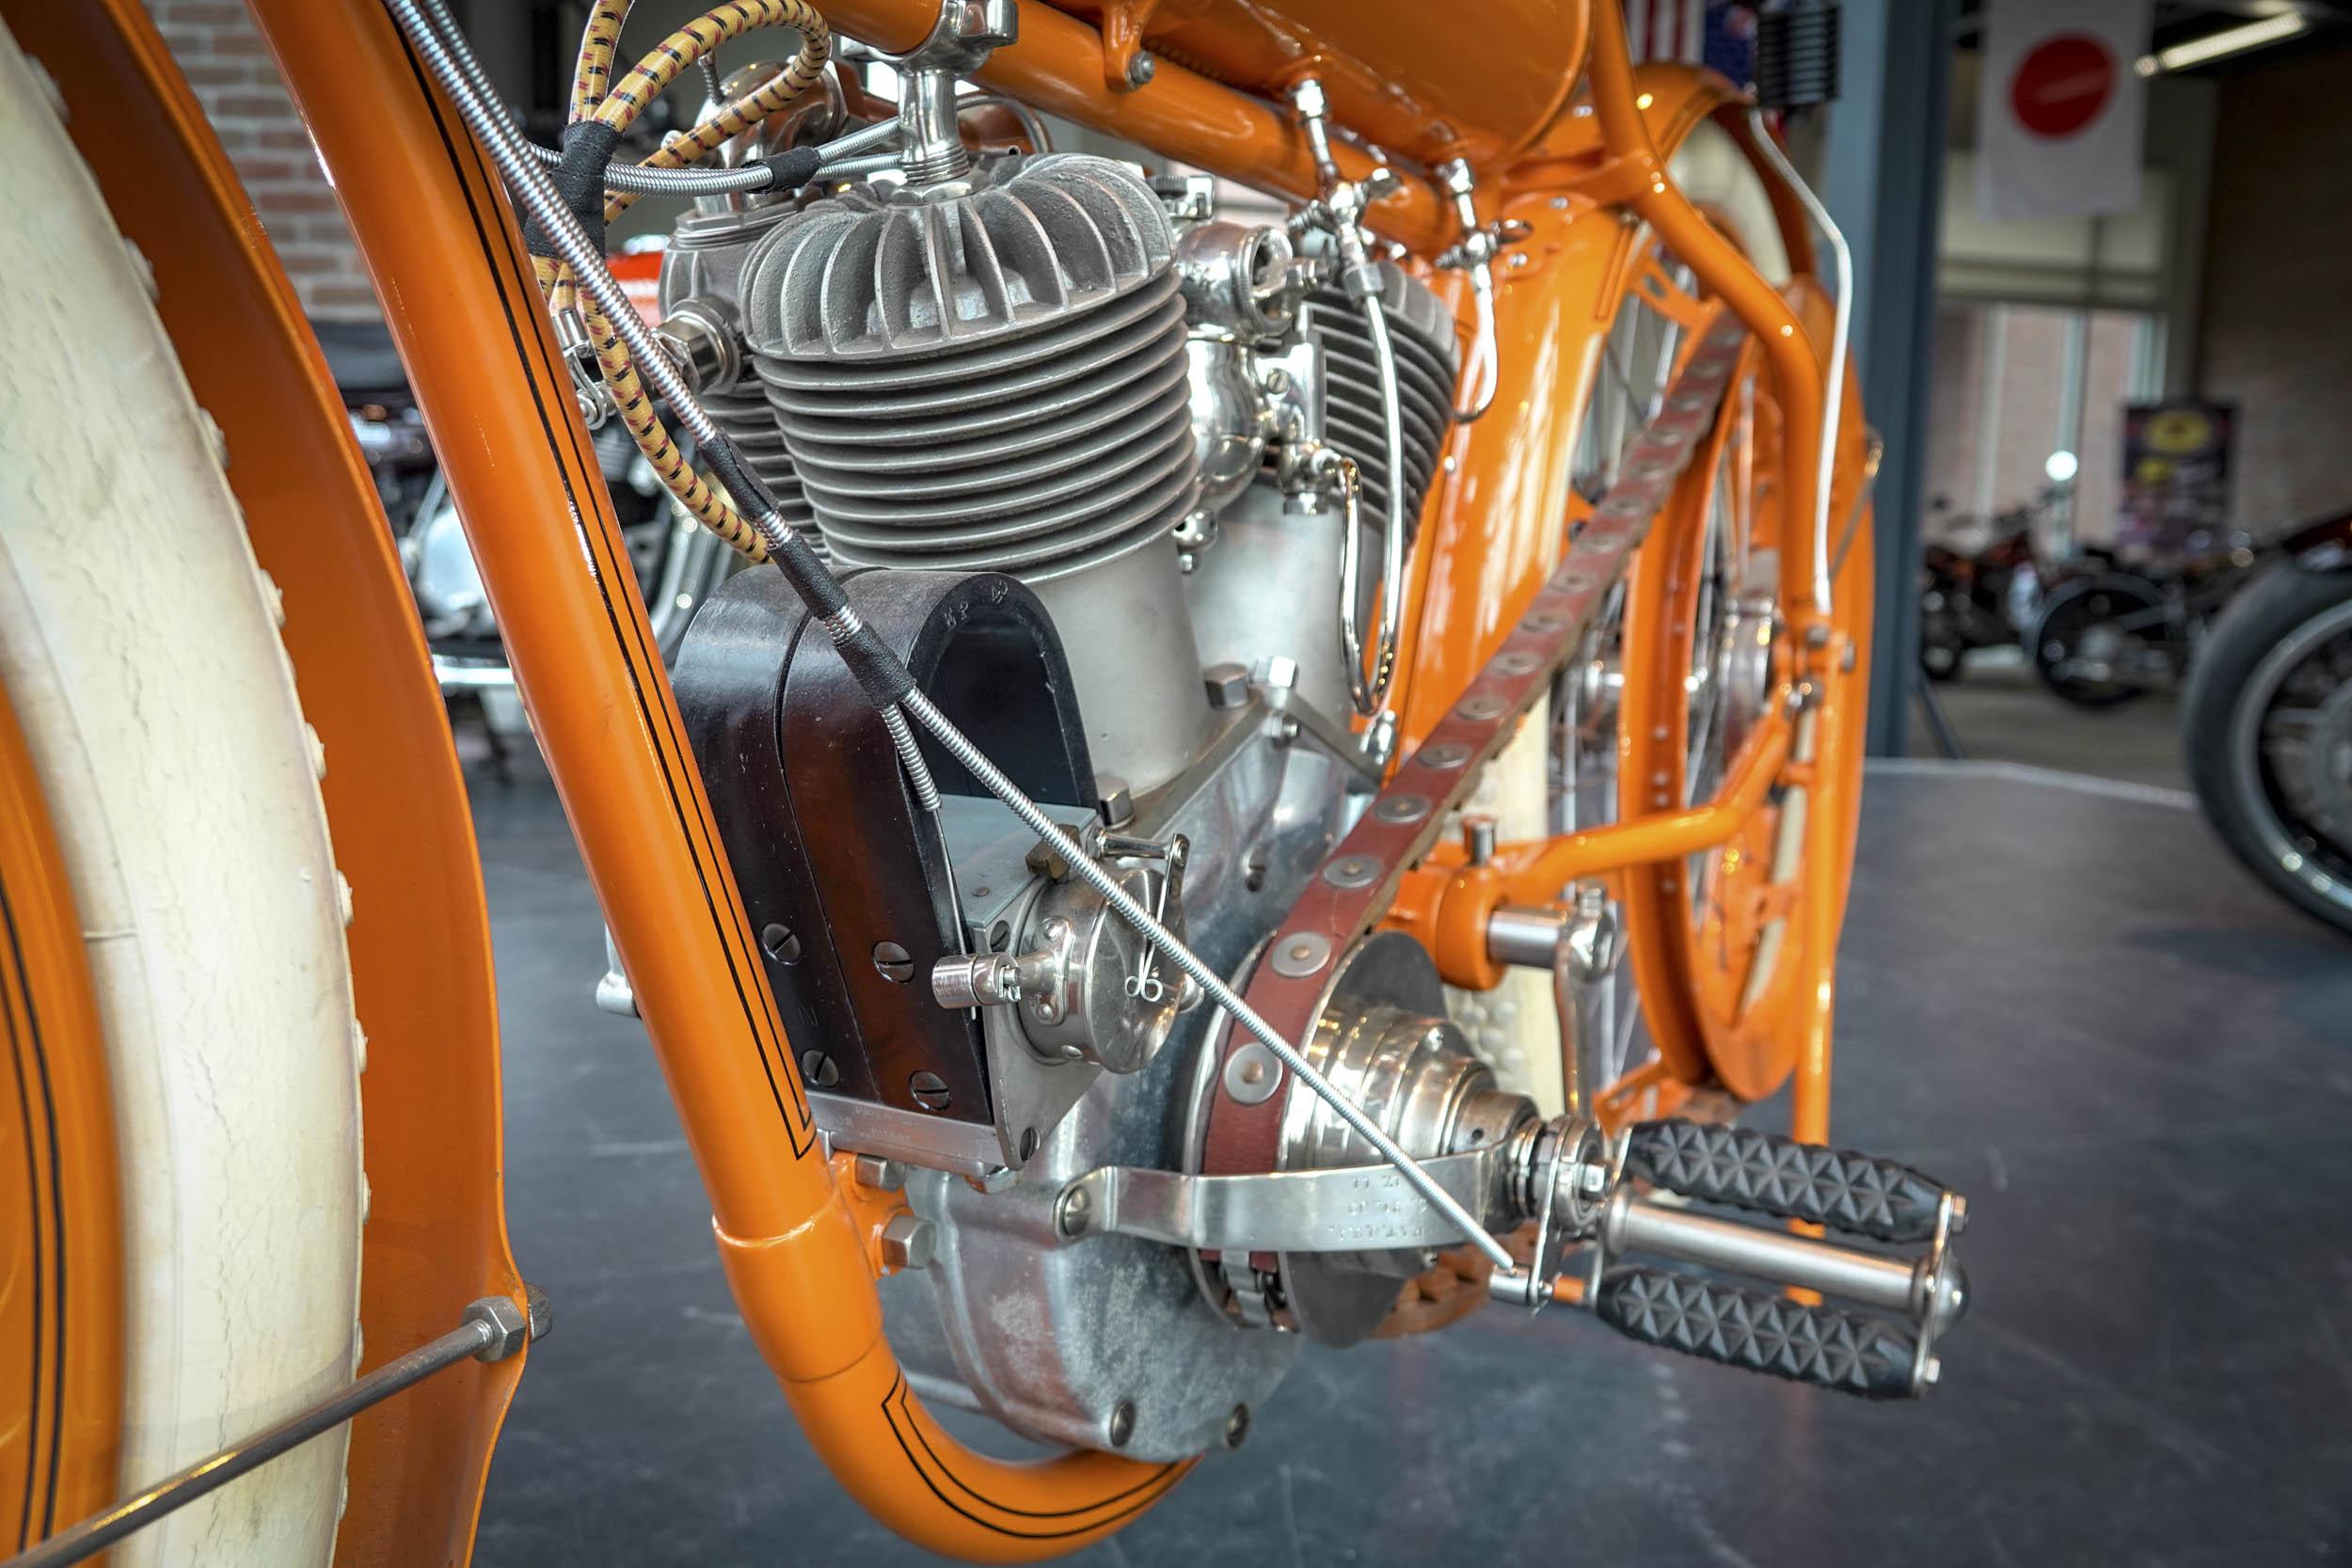 Flying Merkel motorcycle engine